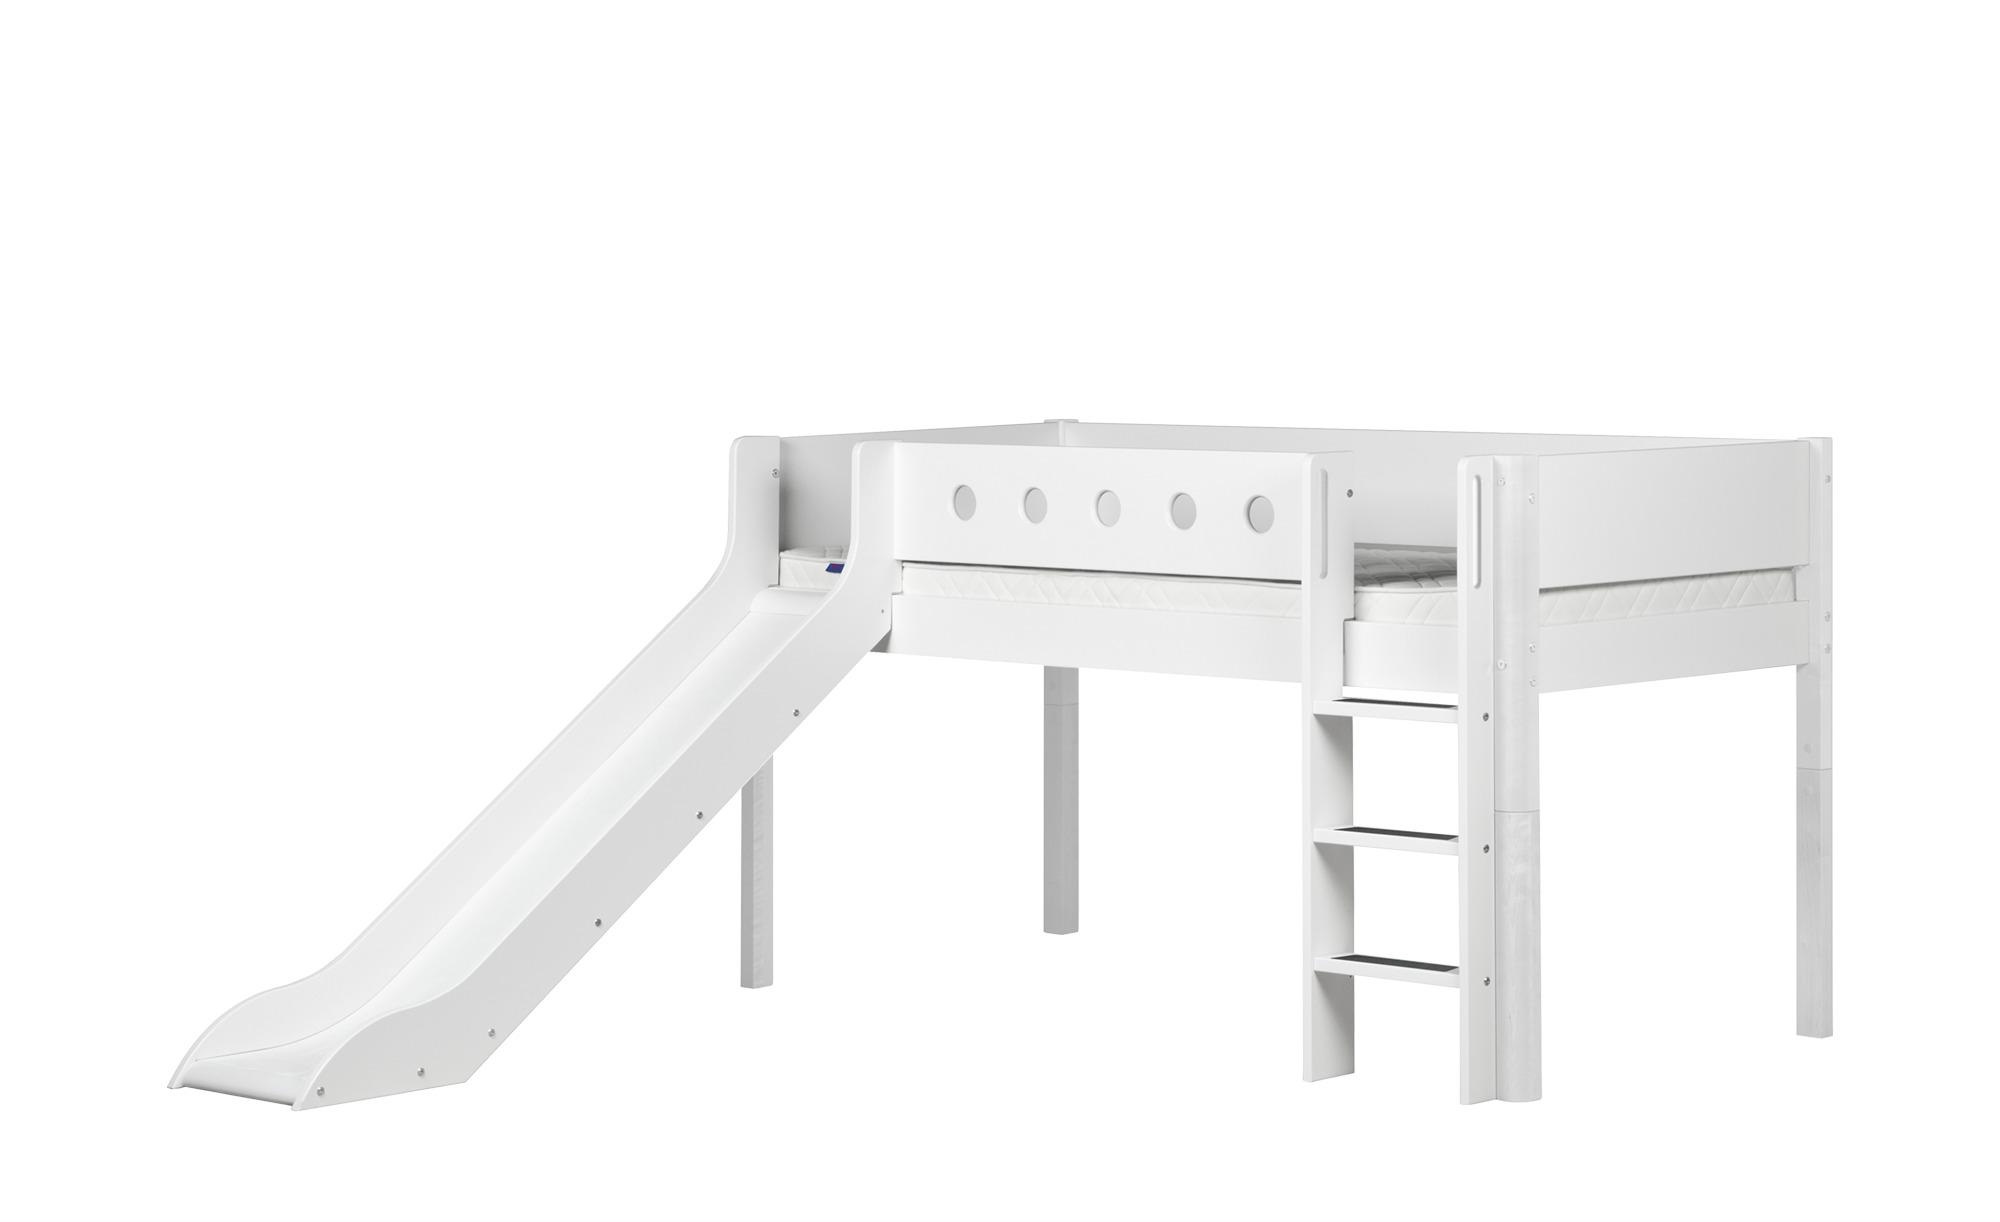 Full Size of Flexa Halbhohes Bett Mit Rutsche 90x200 Wei White Wohnzimmer Halbhohes Hochbett